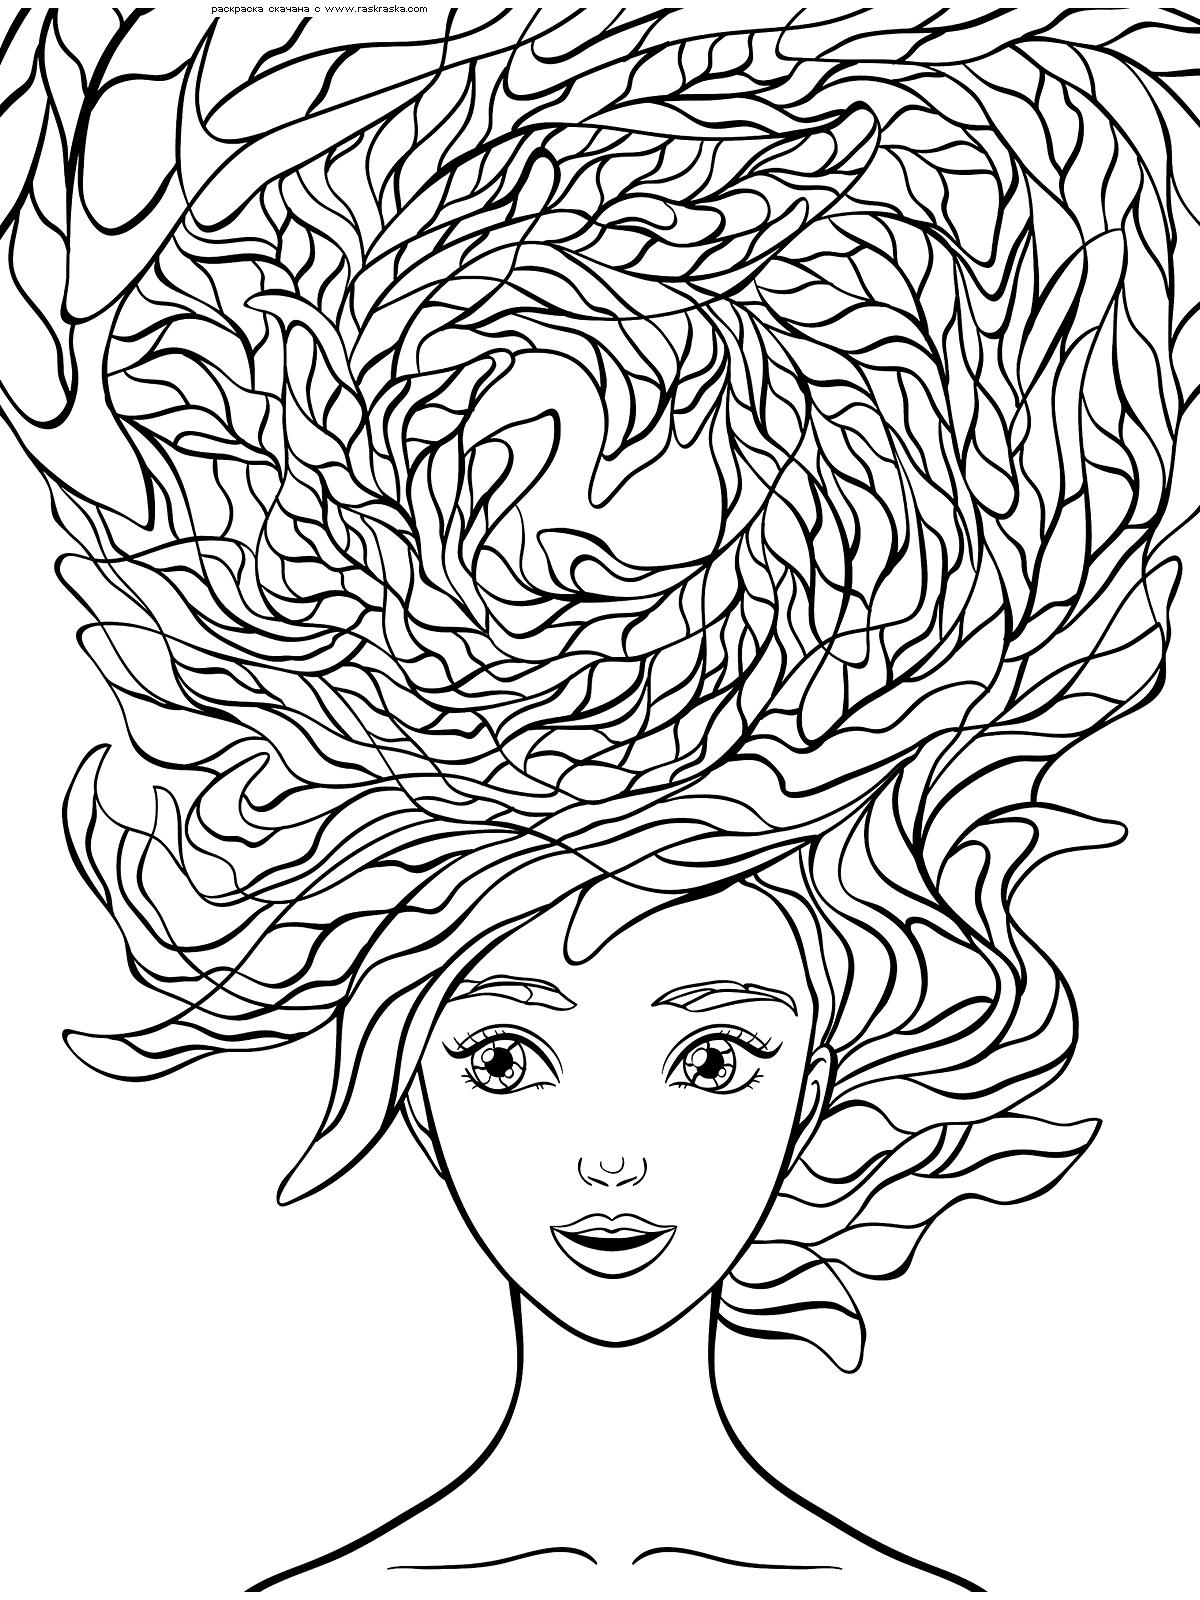 Раскраска Необыкновенные волосы. Раскраска антистресс